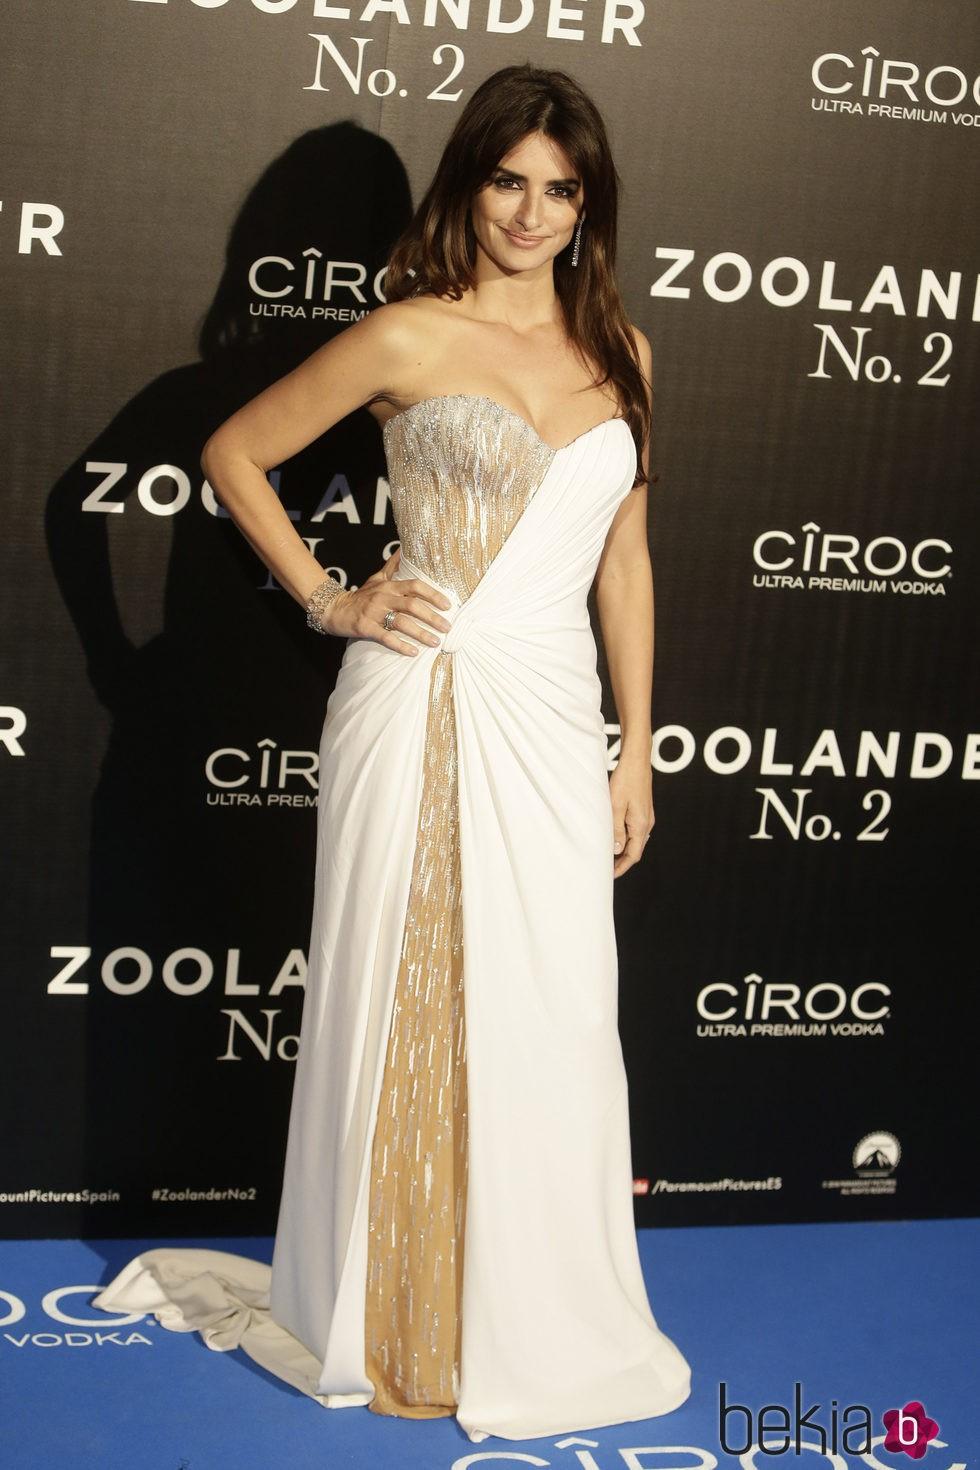 Penélope Cruz en la premiere en Madrid de 'Zoolander 2'